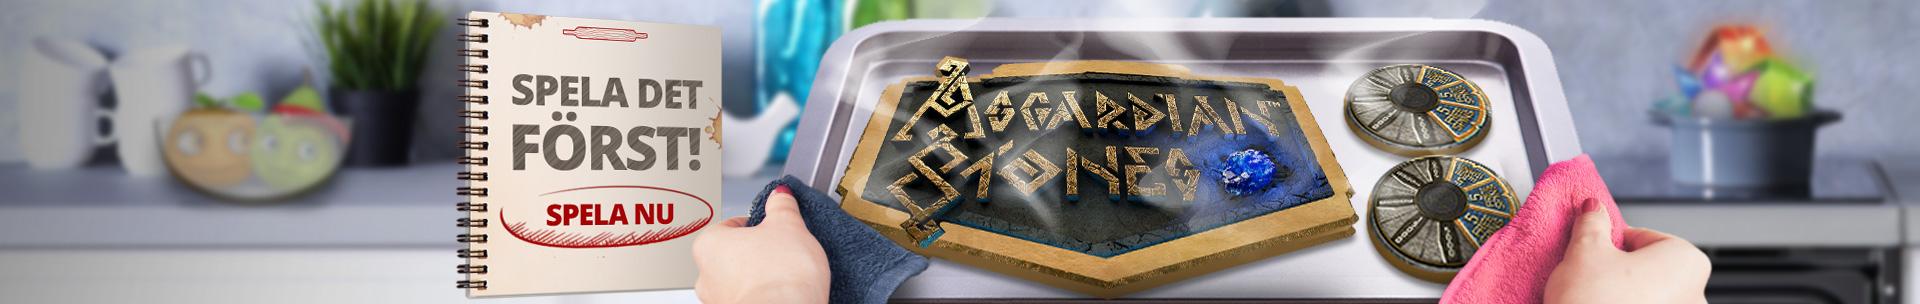 Hopa Casino Content Images - Sweeden CasinoTop 01